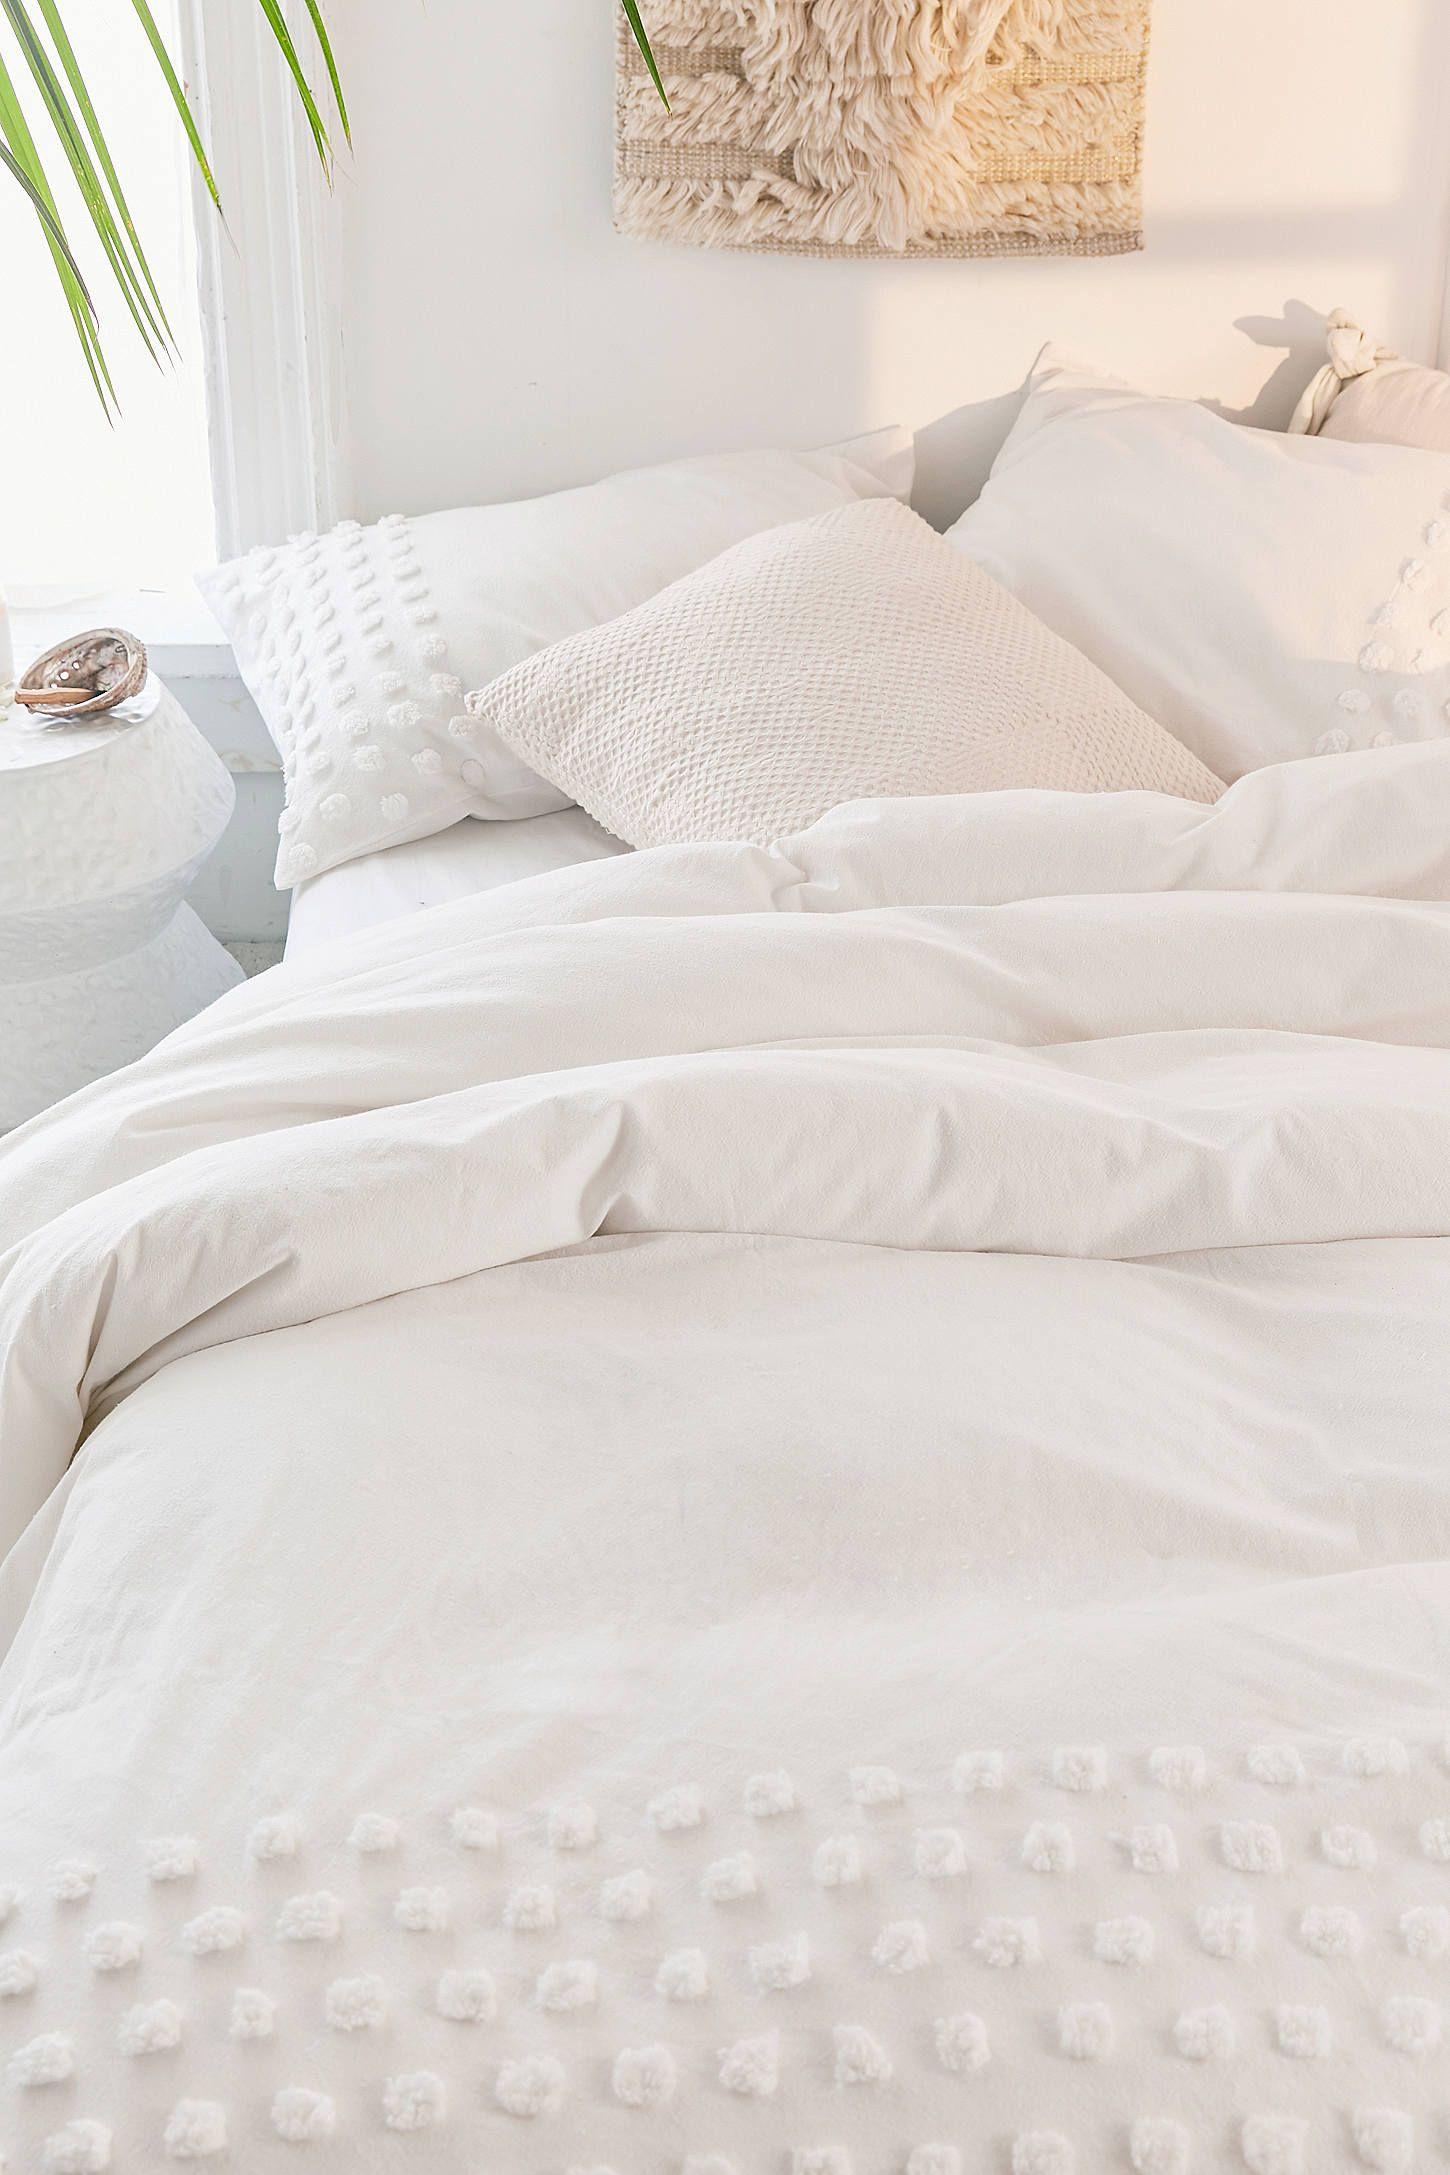 Tufted Dot Duvet Cover White Duvet Bedding White Bed Covers